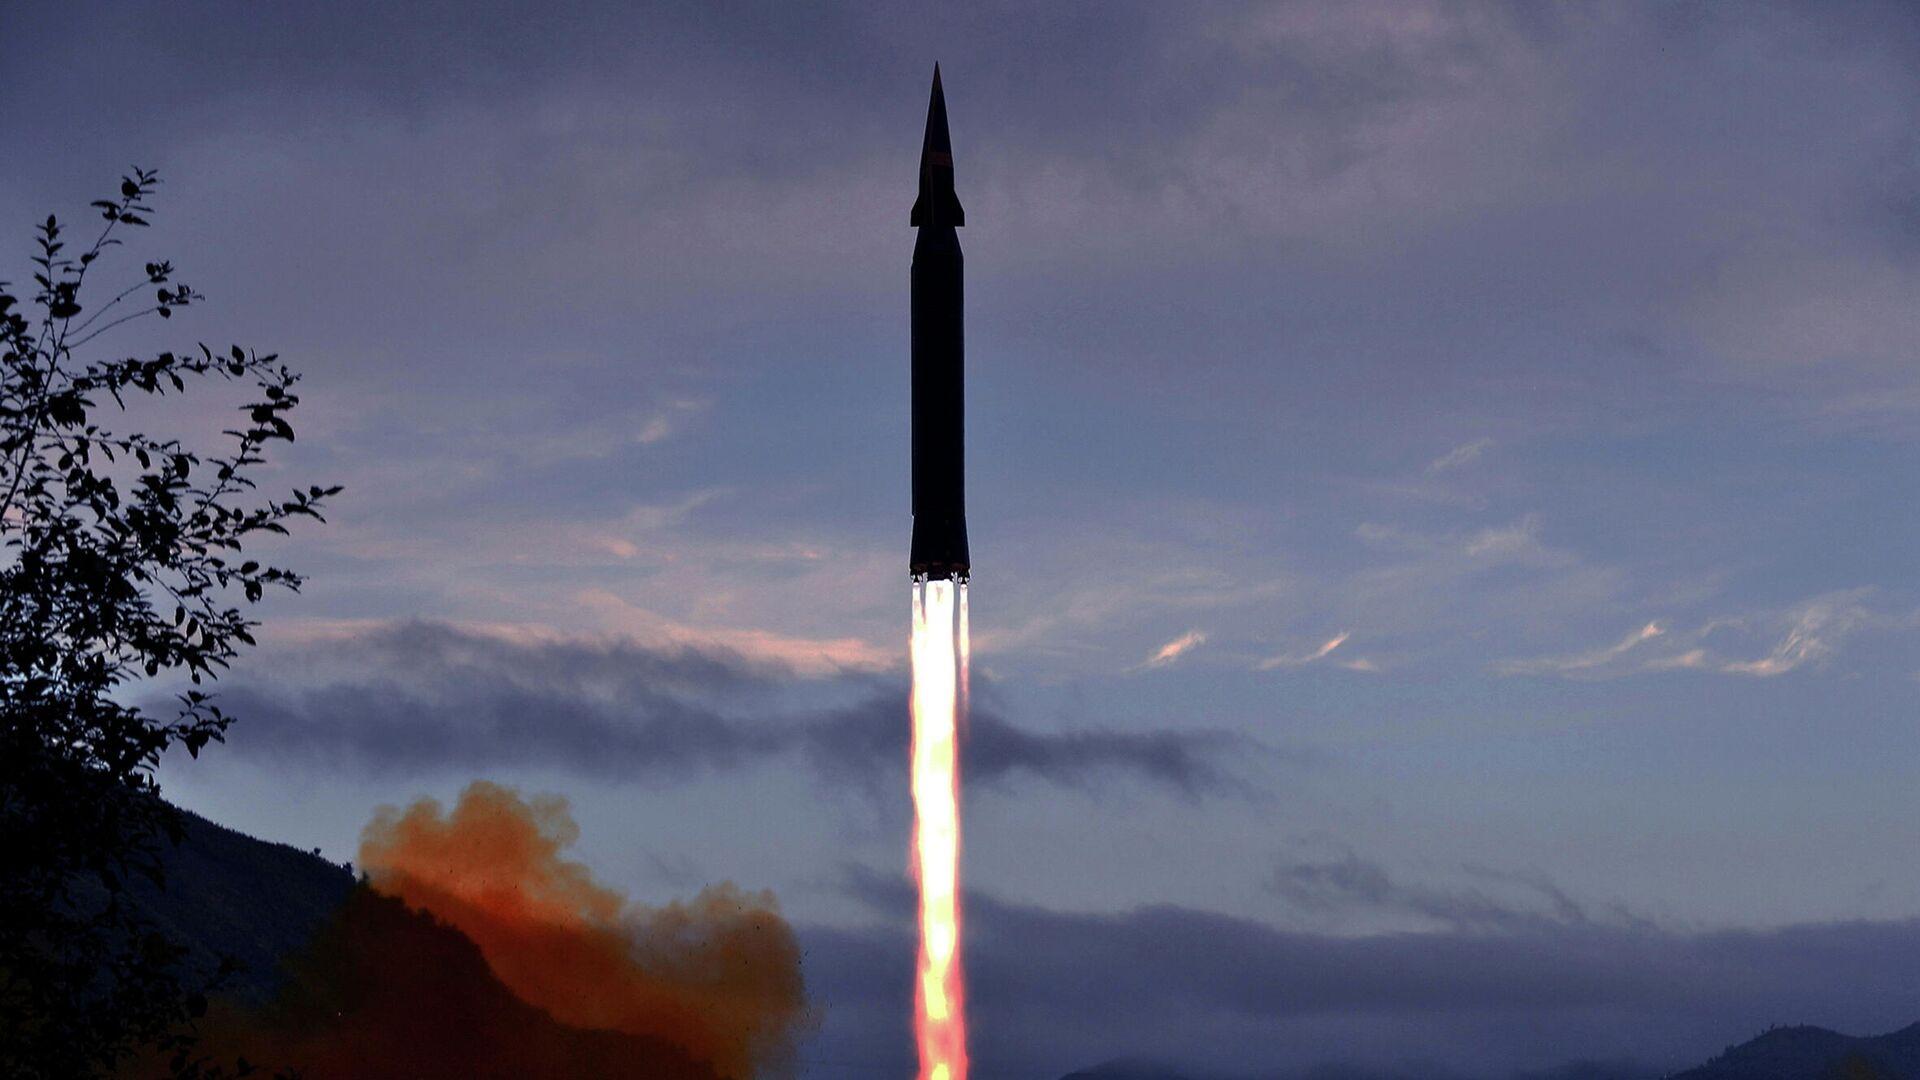 КНДР подтвердила сообщения об испытаниях новой гиперзвуковой ракеты - РИА  Новости, 29.09.2021